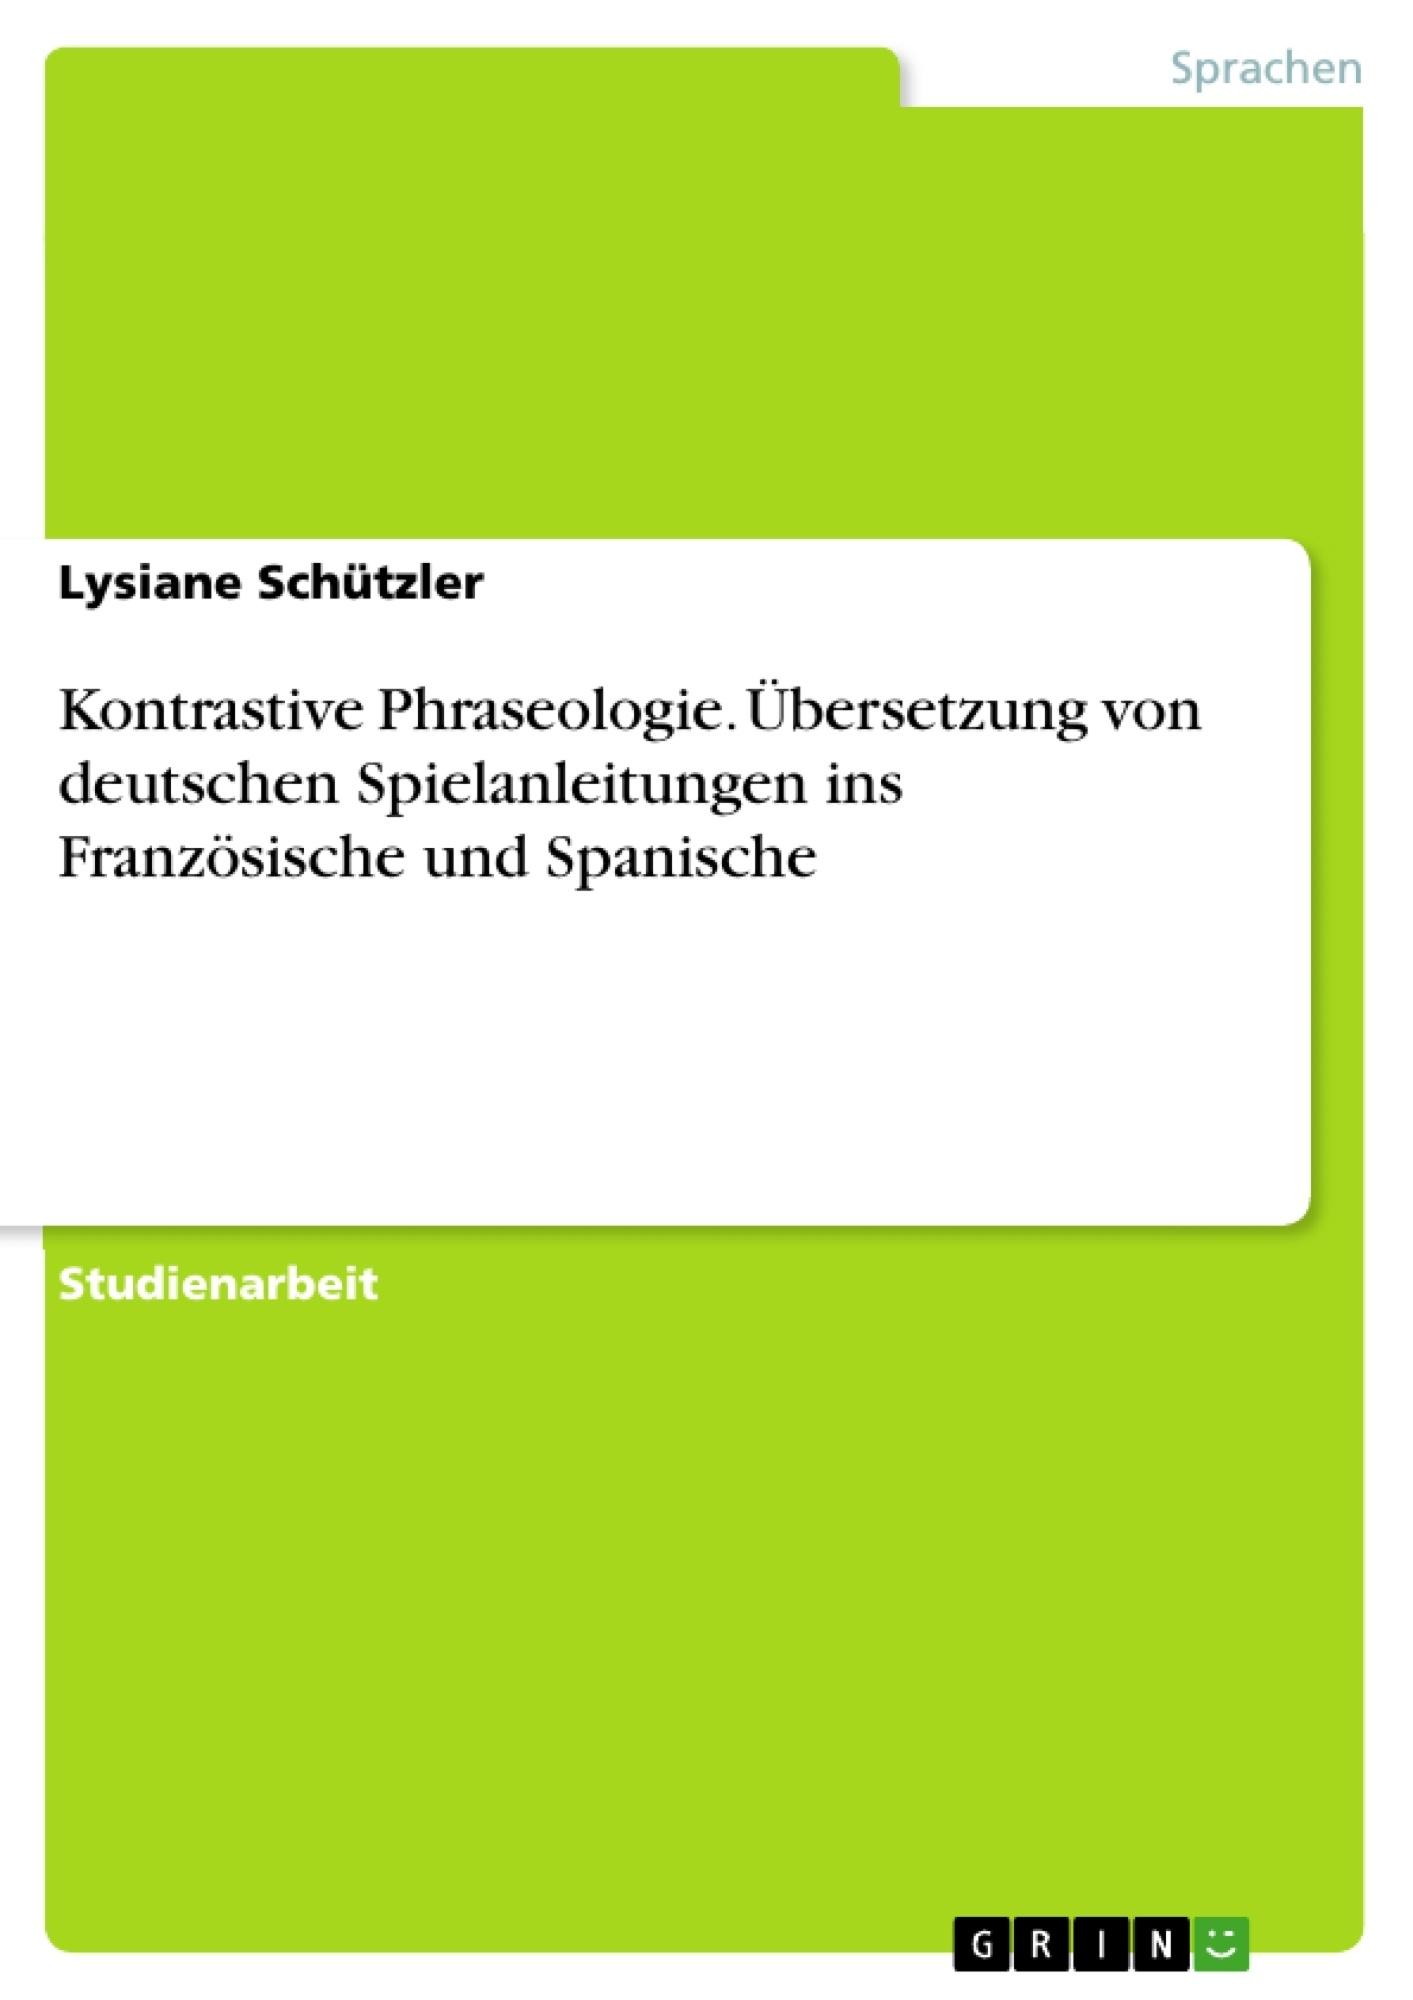 Titel: Kontrastive Phraseologie. Übersetzung von deutschen Spielanleitungen ins Französische und Spanische